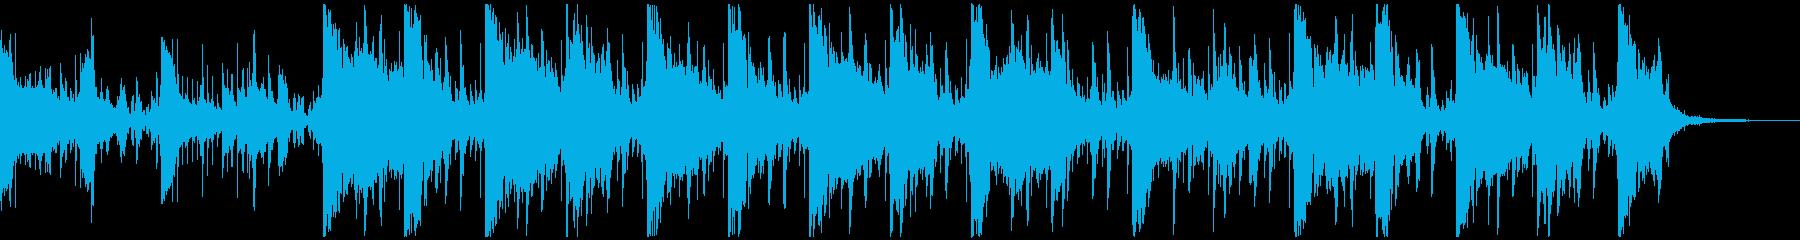 不気味の声が聞こえる現代的ポップホラーSの再生済みの波形